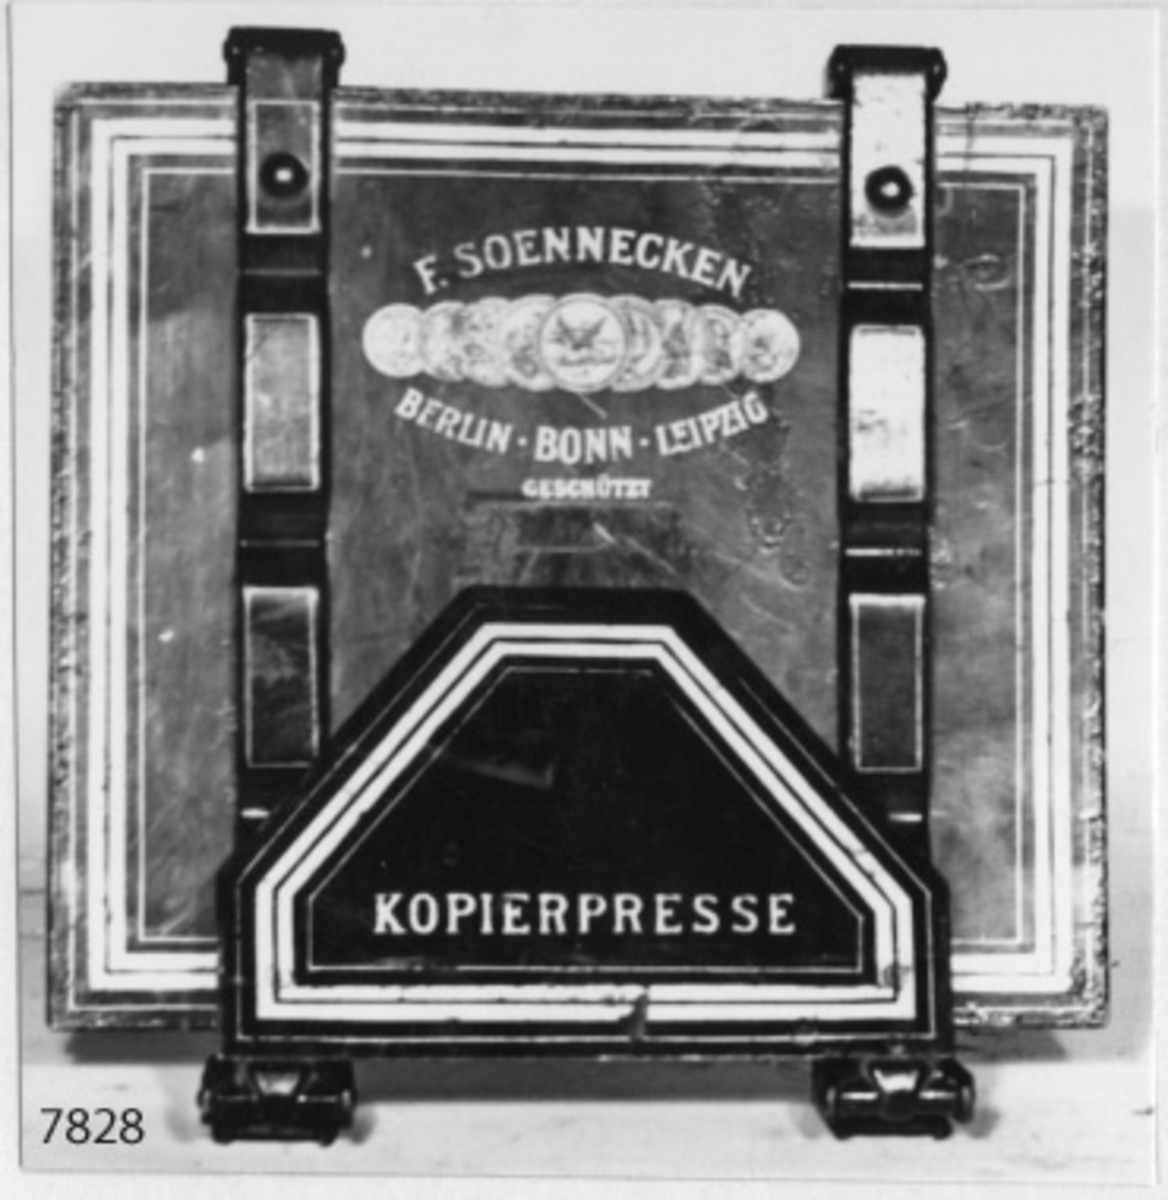 Kopiepress av järn, svartlackerad med ränder i gult. Tysk tillverkning från 1800-talets senare del. Pressen rektangulär. Märkning: F. Soennechen samt medaljer och fabriksmärke, därunder: Berlin x Bonn x Leipzig Geschützt. No 1.